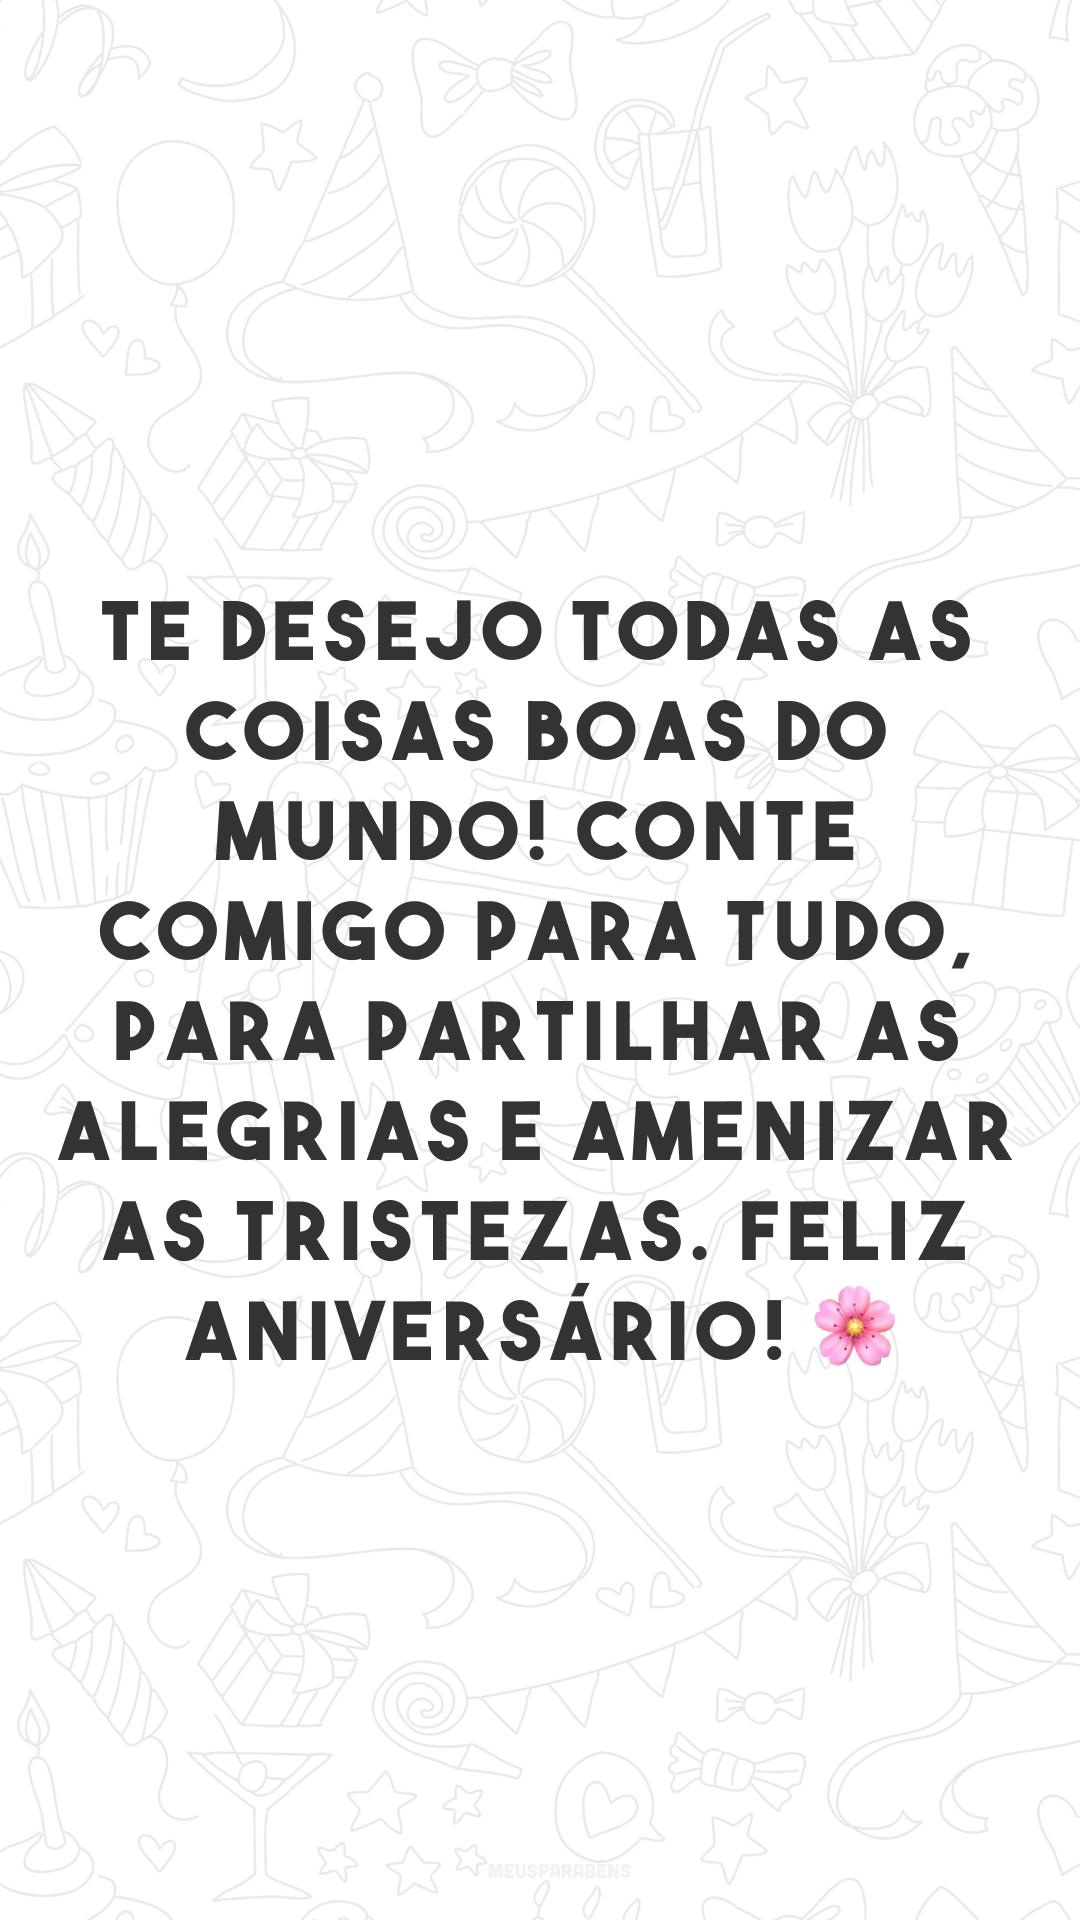 Te desejo todas as coisas boas do mundo! Conte comigo para tudo, para partilhar as alegrias e amenizar as tristezas. Feliz aniversário! 🌸